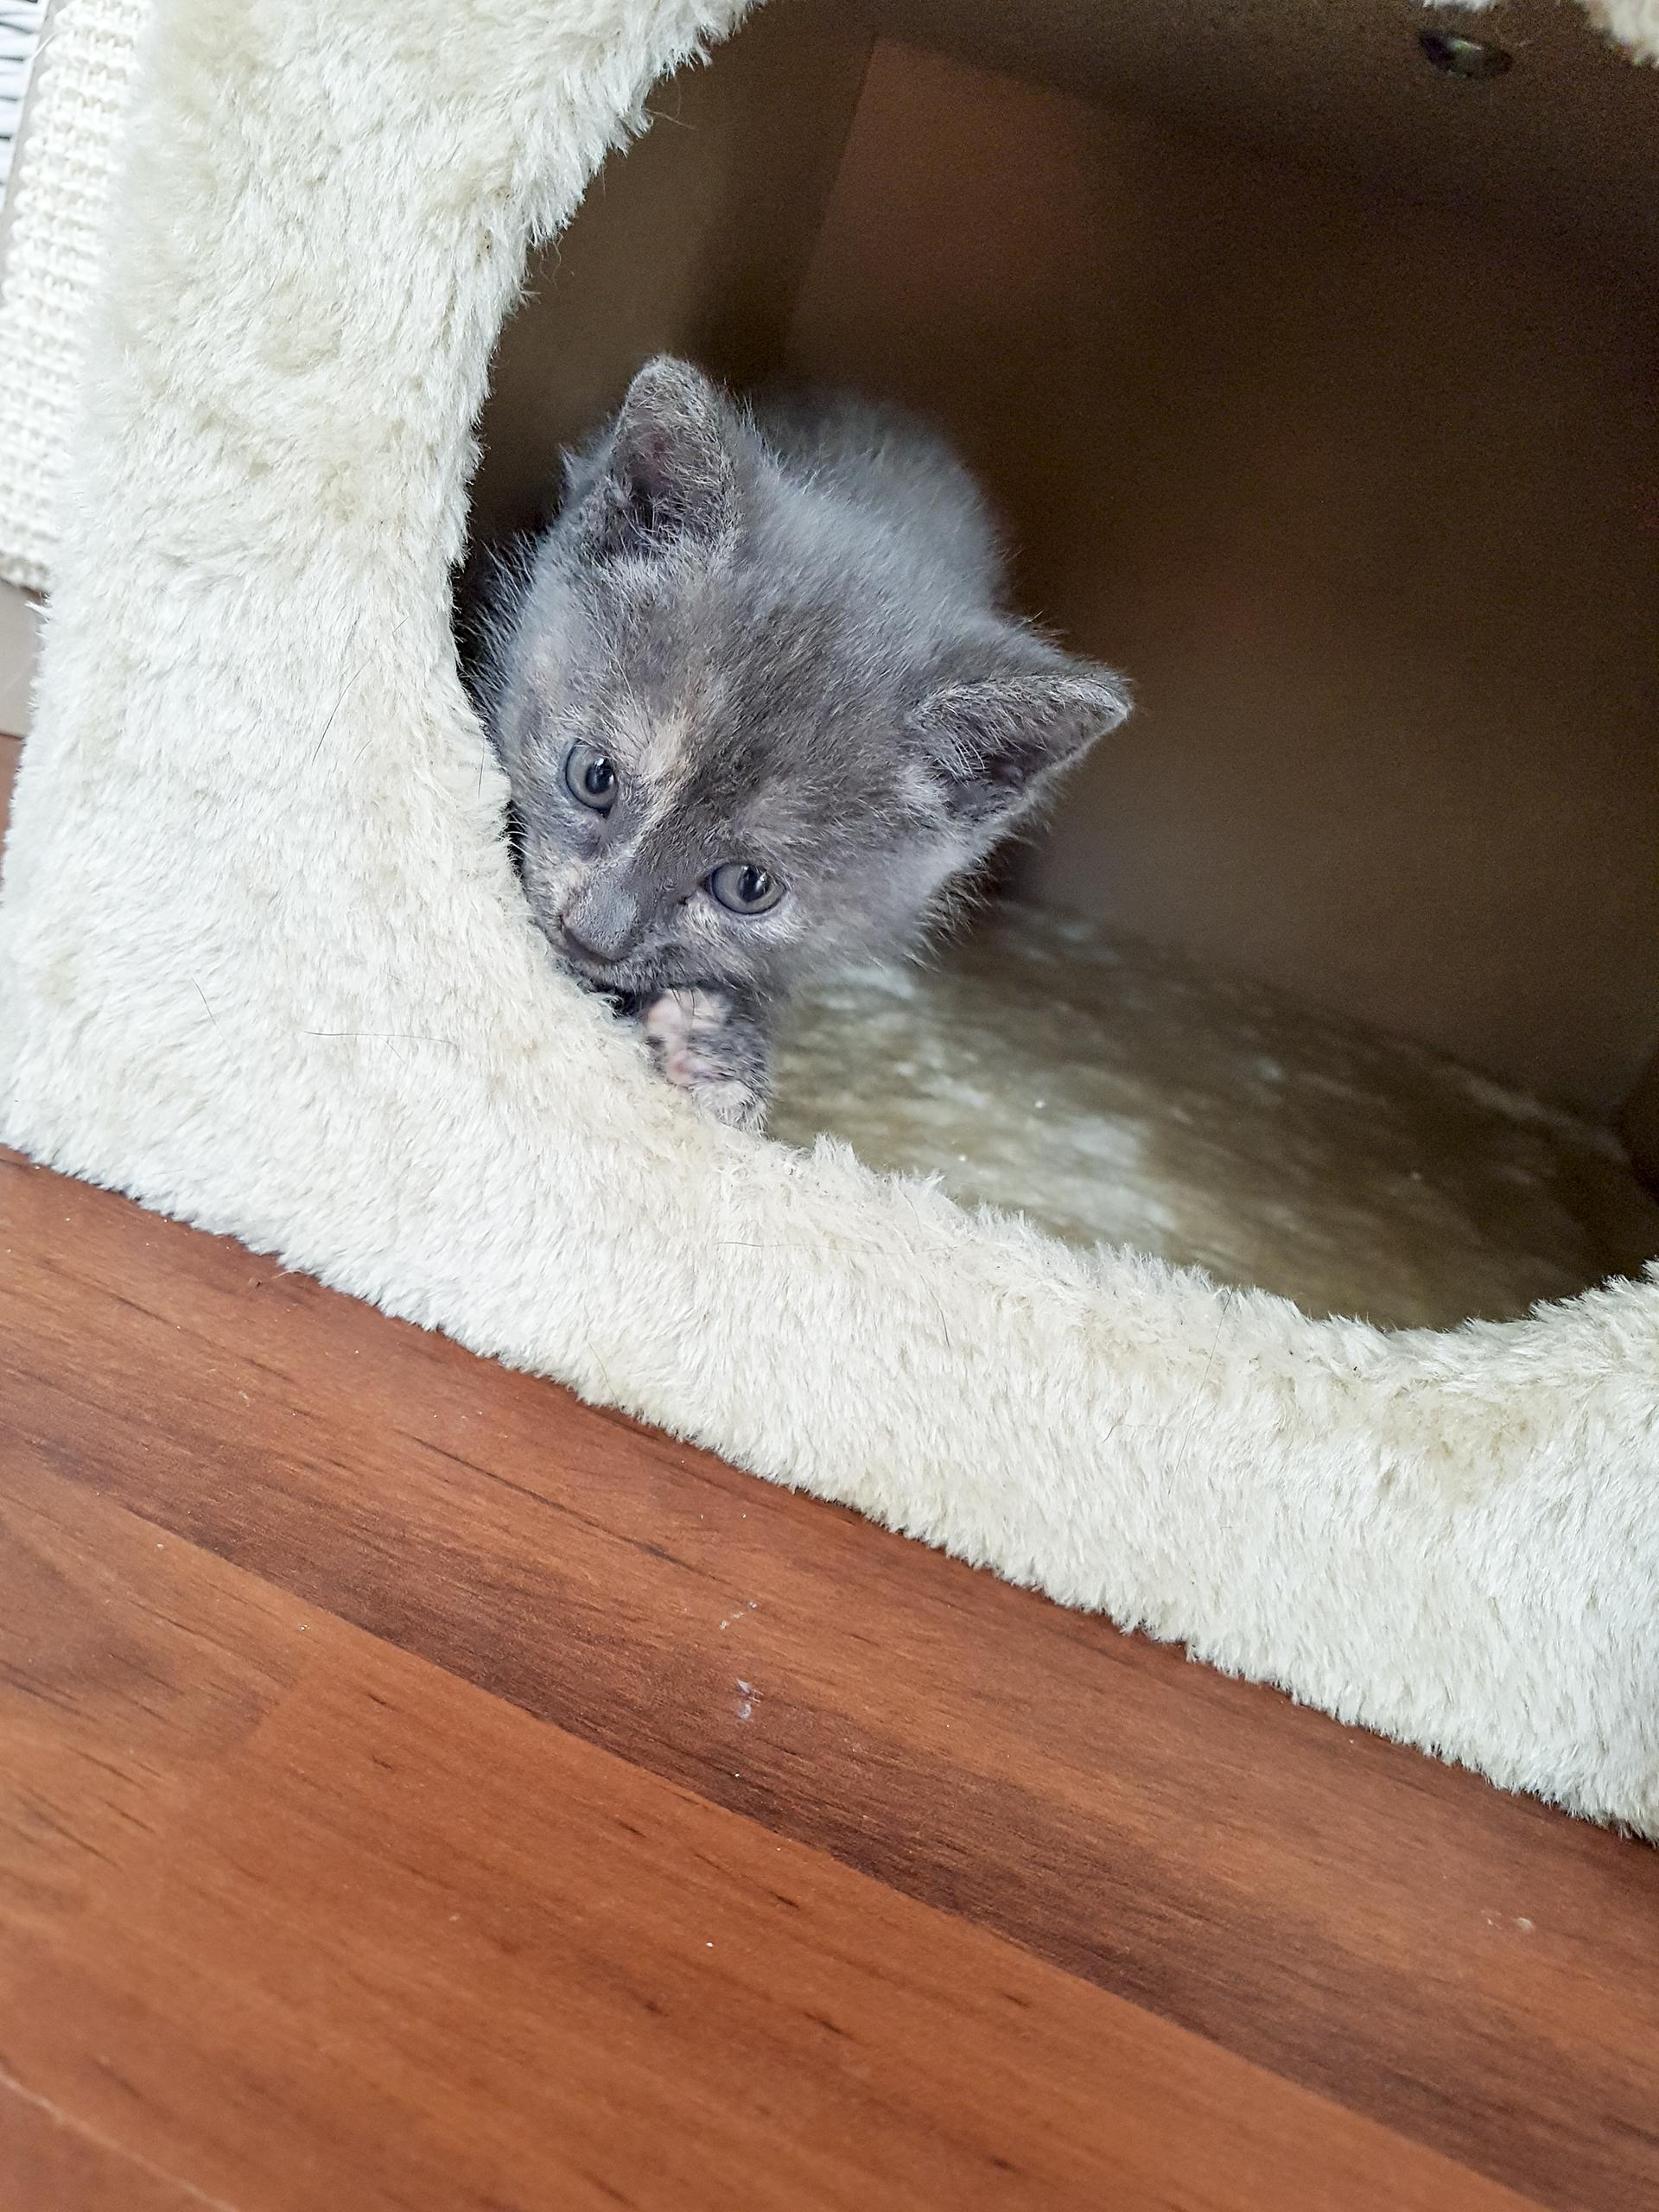 Ondertussen verstopt Muis zich voor het voer :p